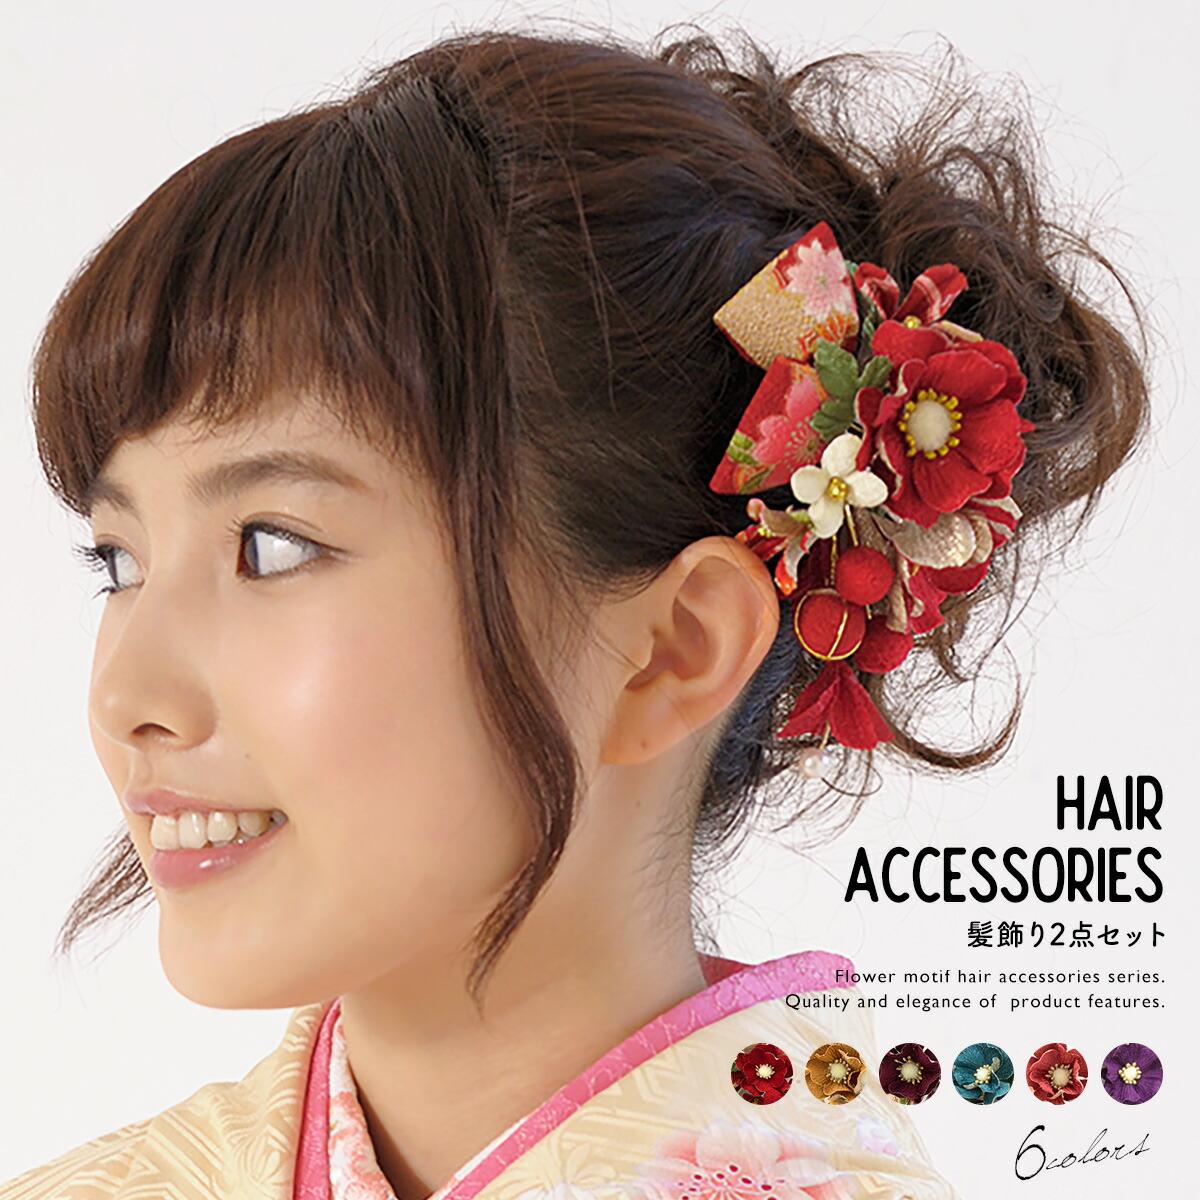 振袖向け髪飾り